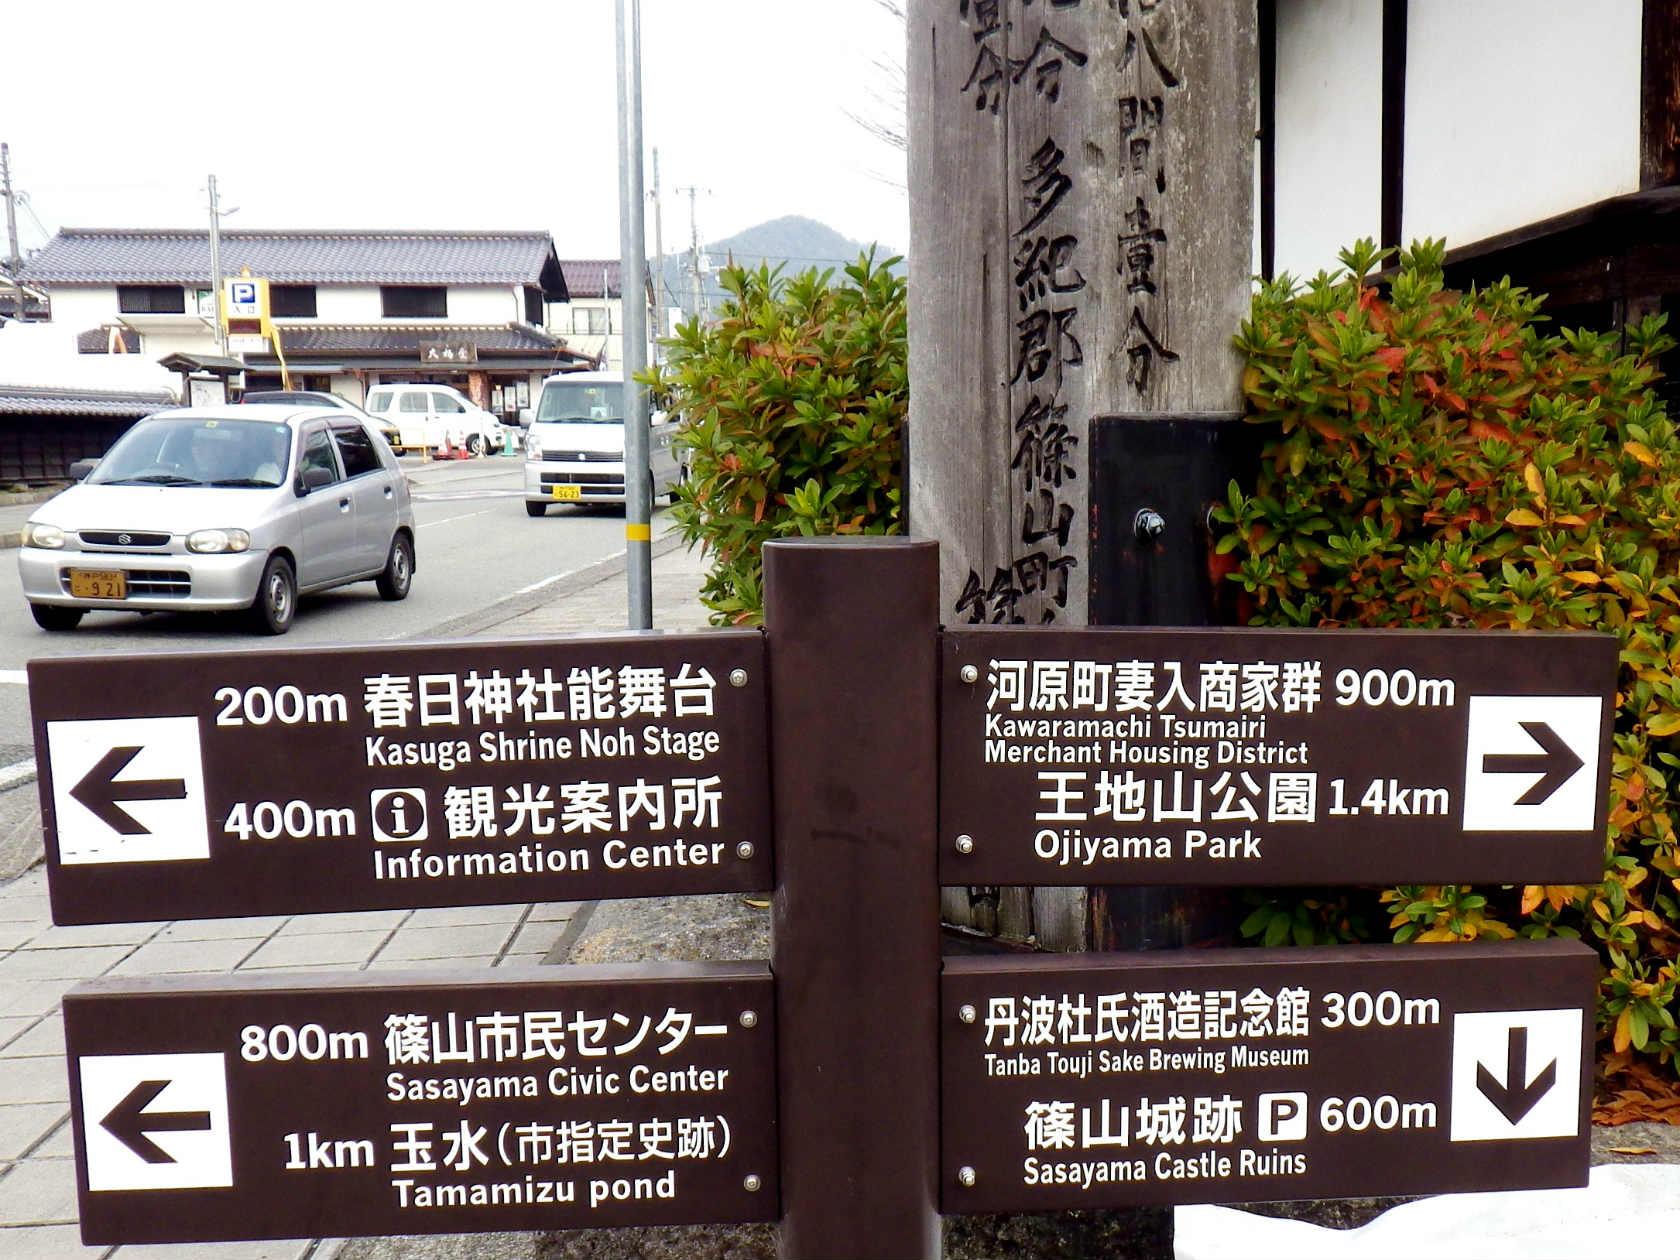 24a 篠山市内案内標識